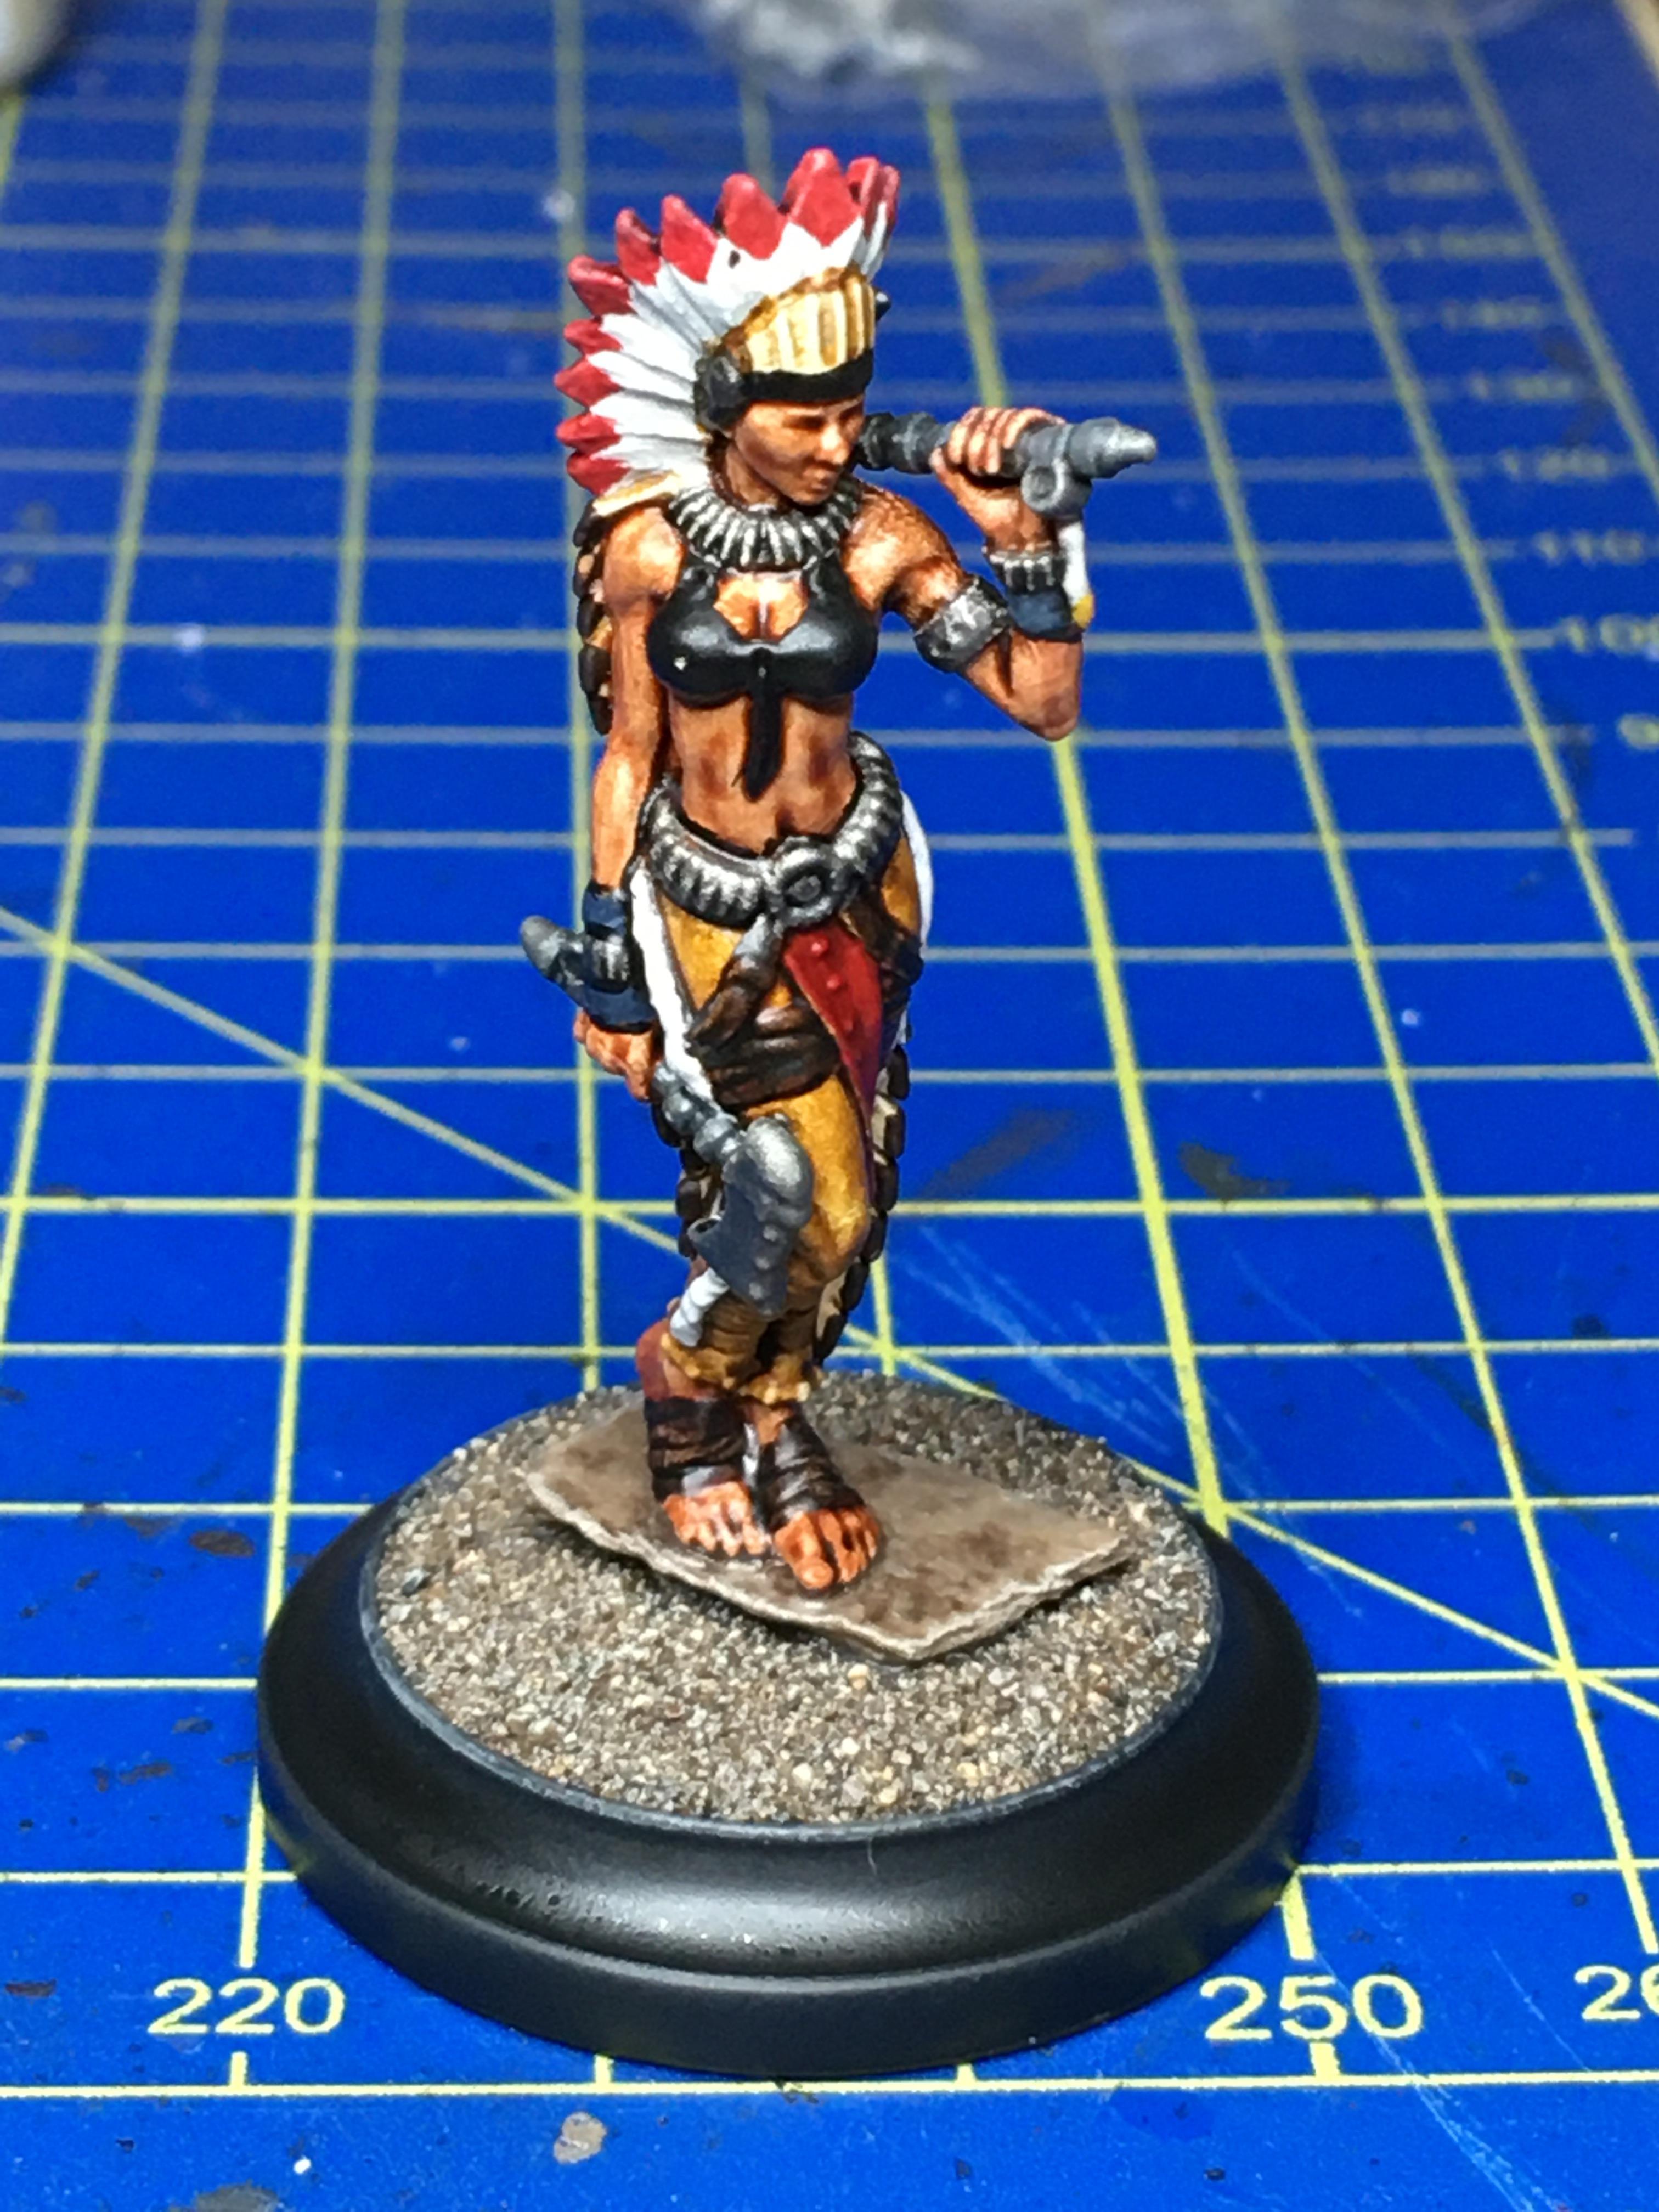 Littleclaw, Warrior Nation, Wild West Exodus, Wwe